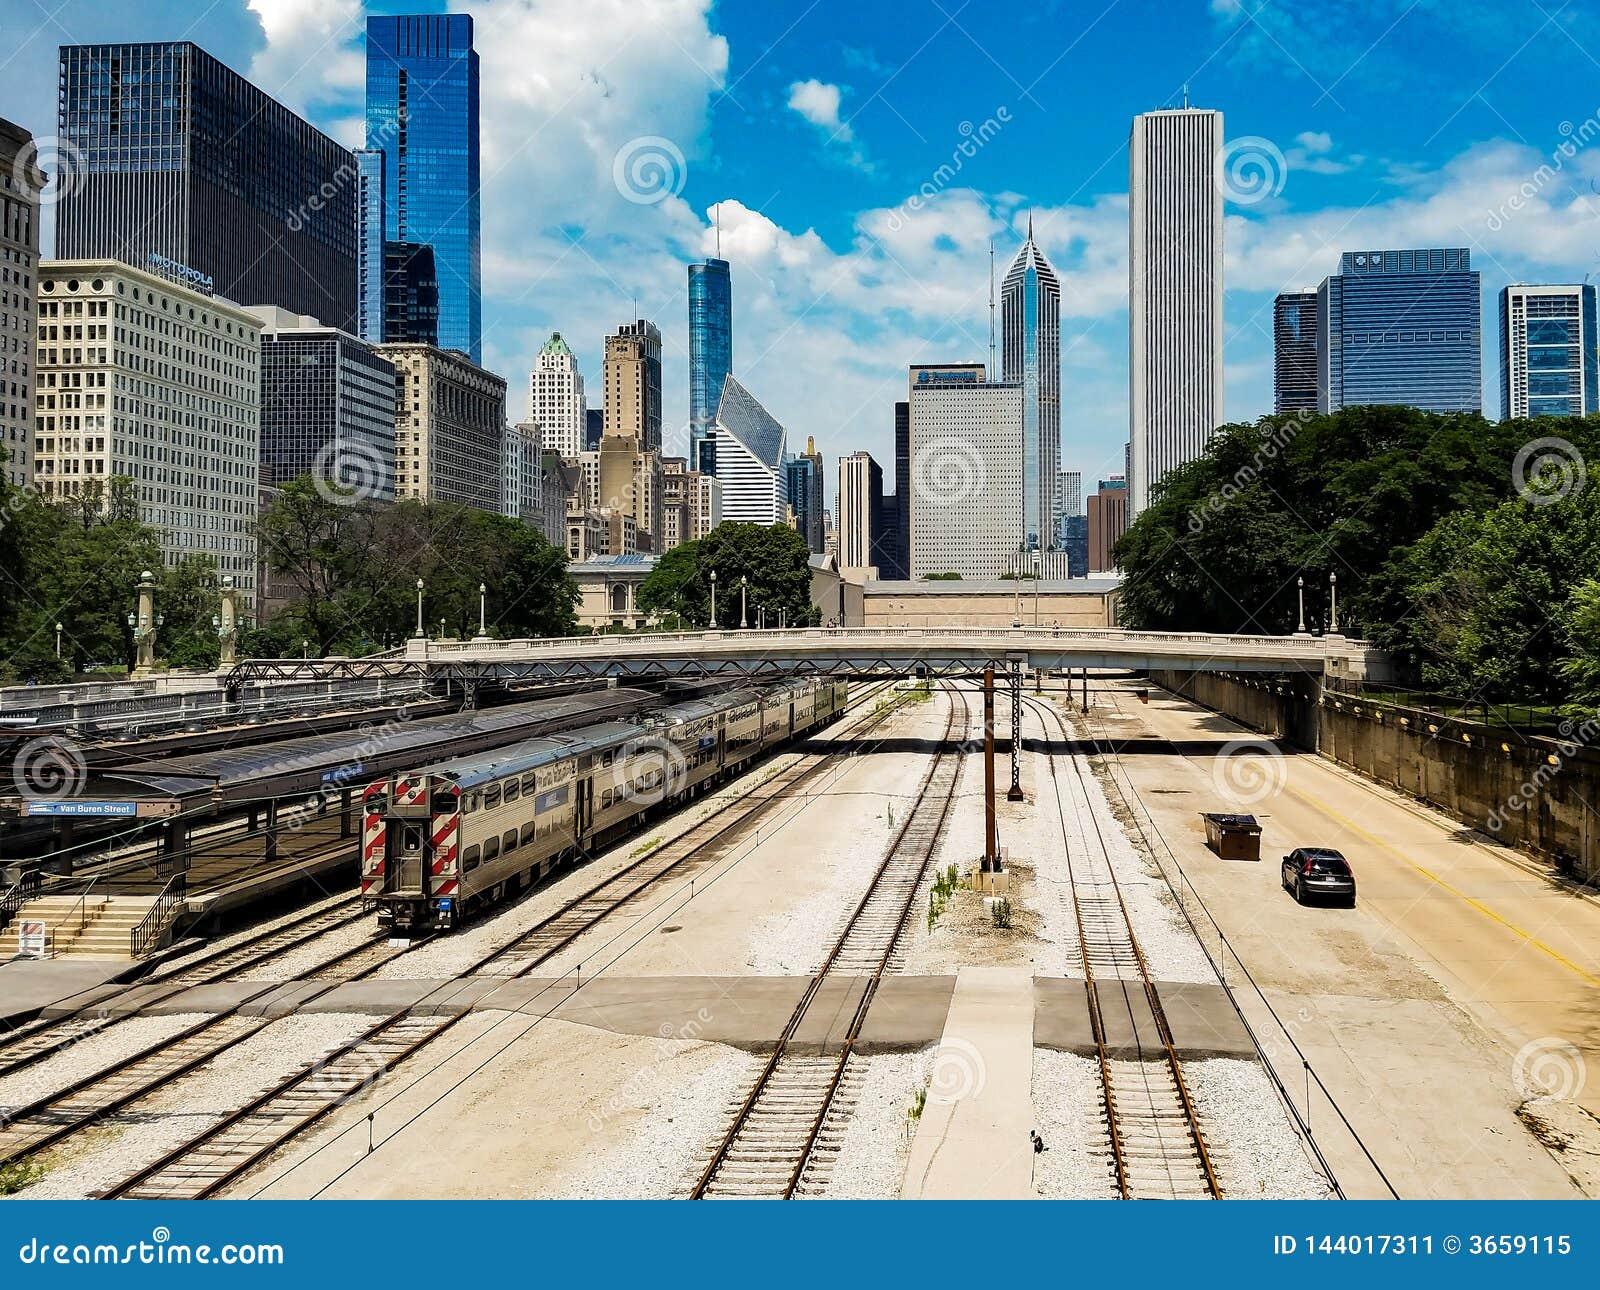 Σικάγο, Ιλλινόις, ΗΠΑ 07 05 2018 Τοπίο του Σικάγου με το τραίνο σε έναν σιδηρόδρομο και τα αυτοκίνητα σε έναν δρόμο στο μέτωπο